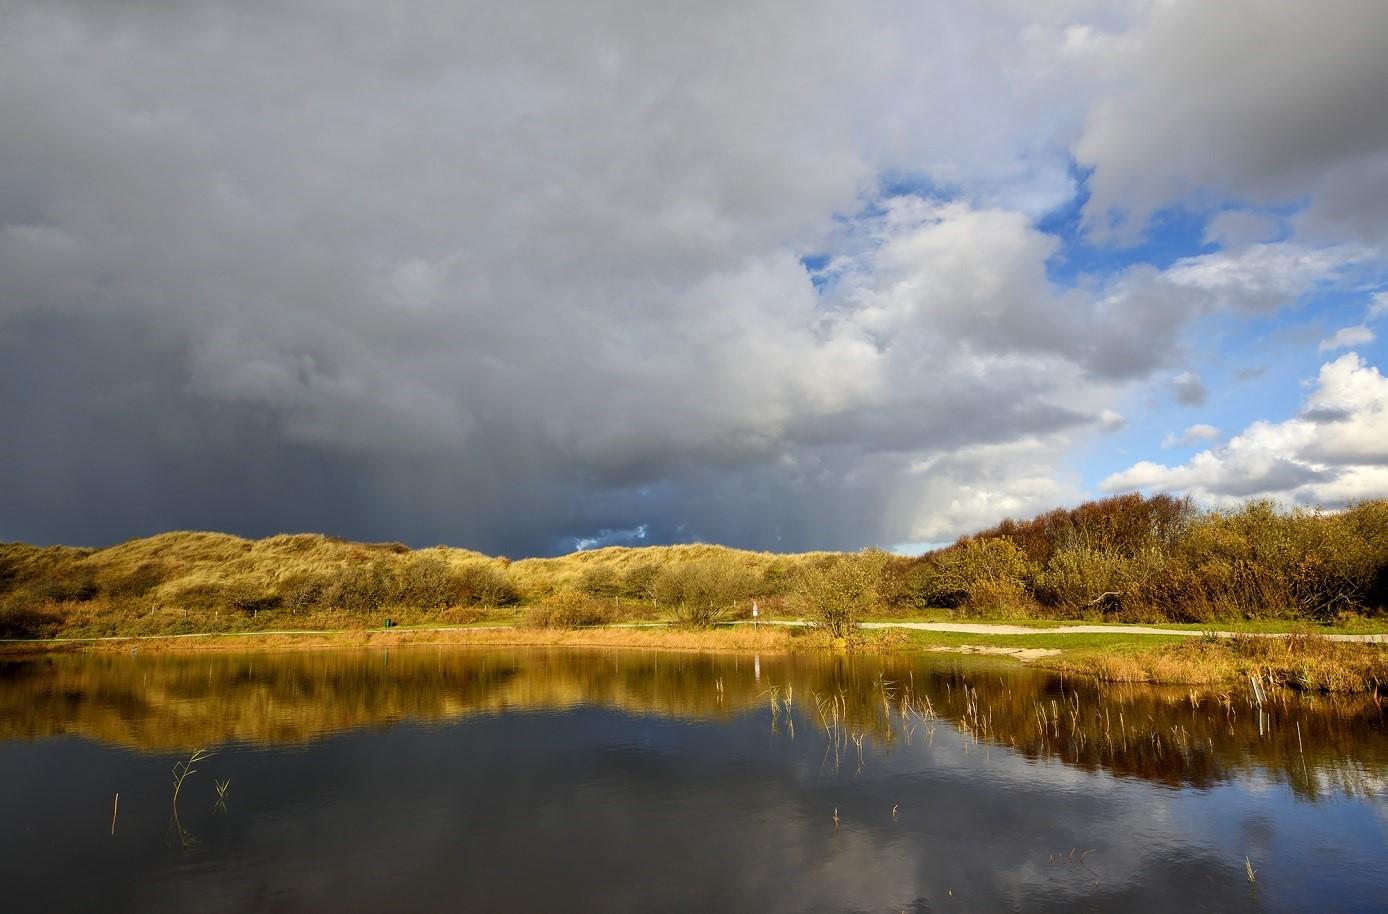 Waterwinning En Natuurbehoud In De Duinen: Daar Komen We Samen Uit!